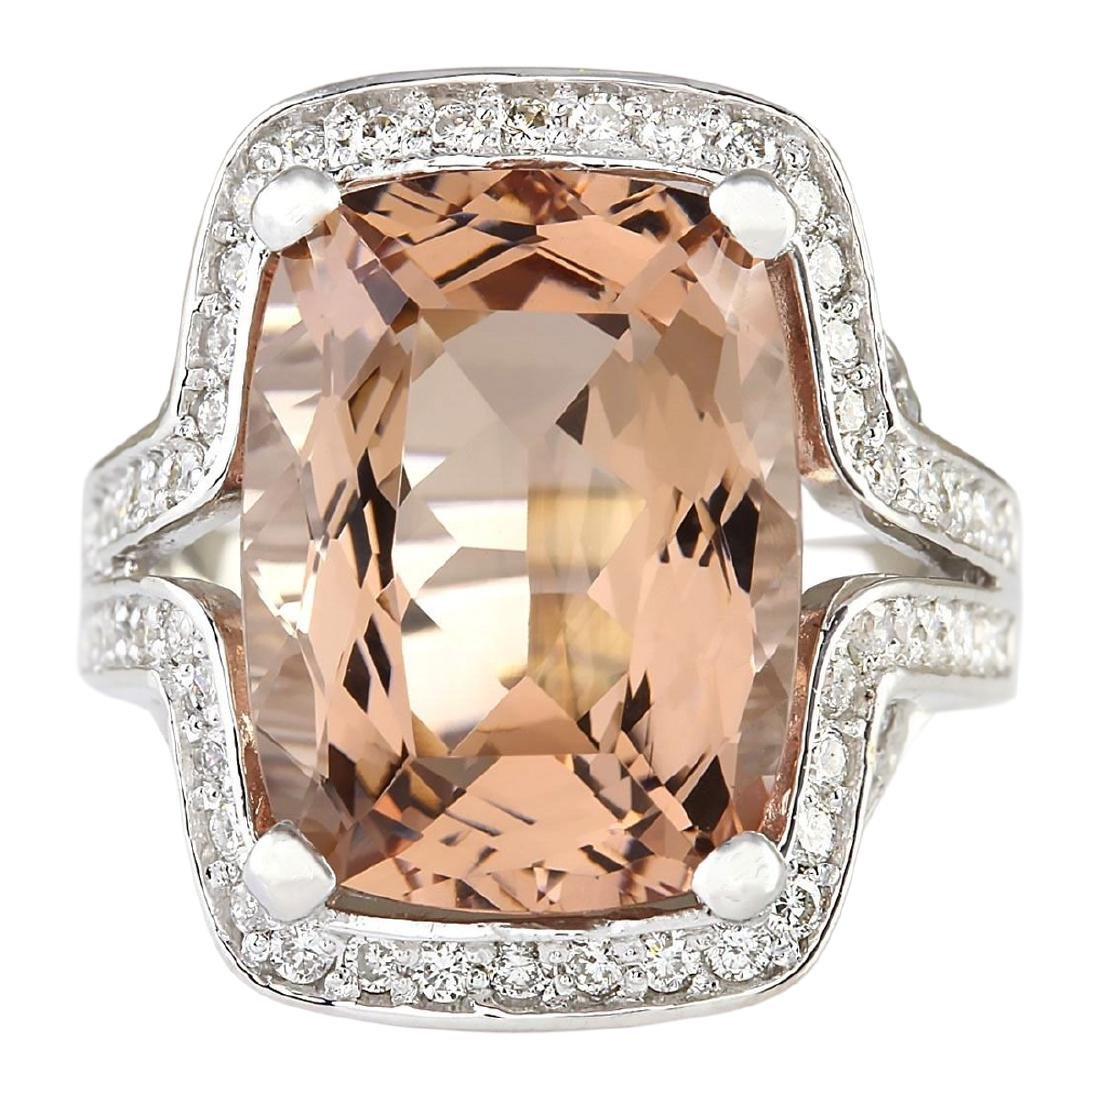 11.98 CTW Natural Morganite And Diamond Ring In 18K